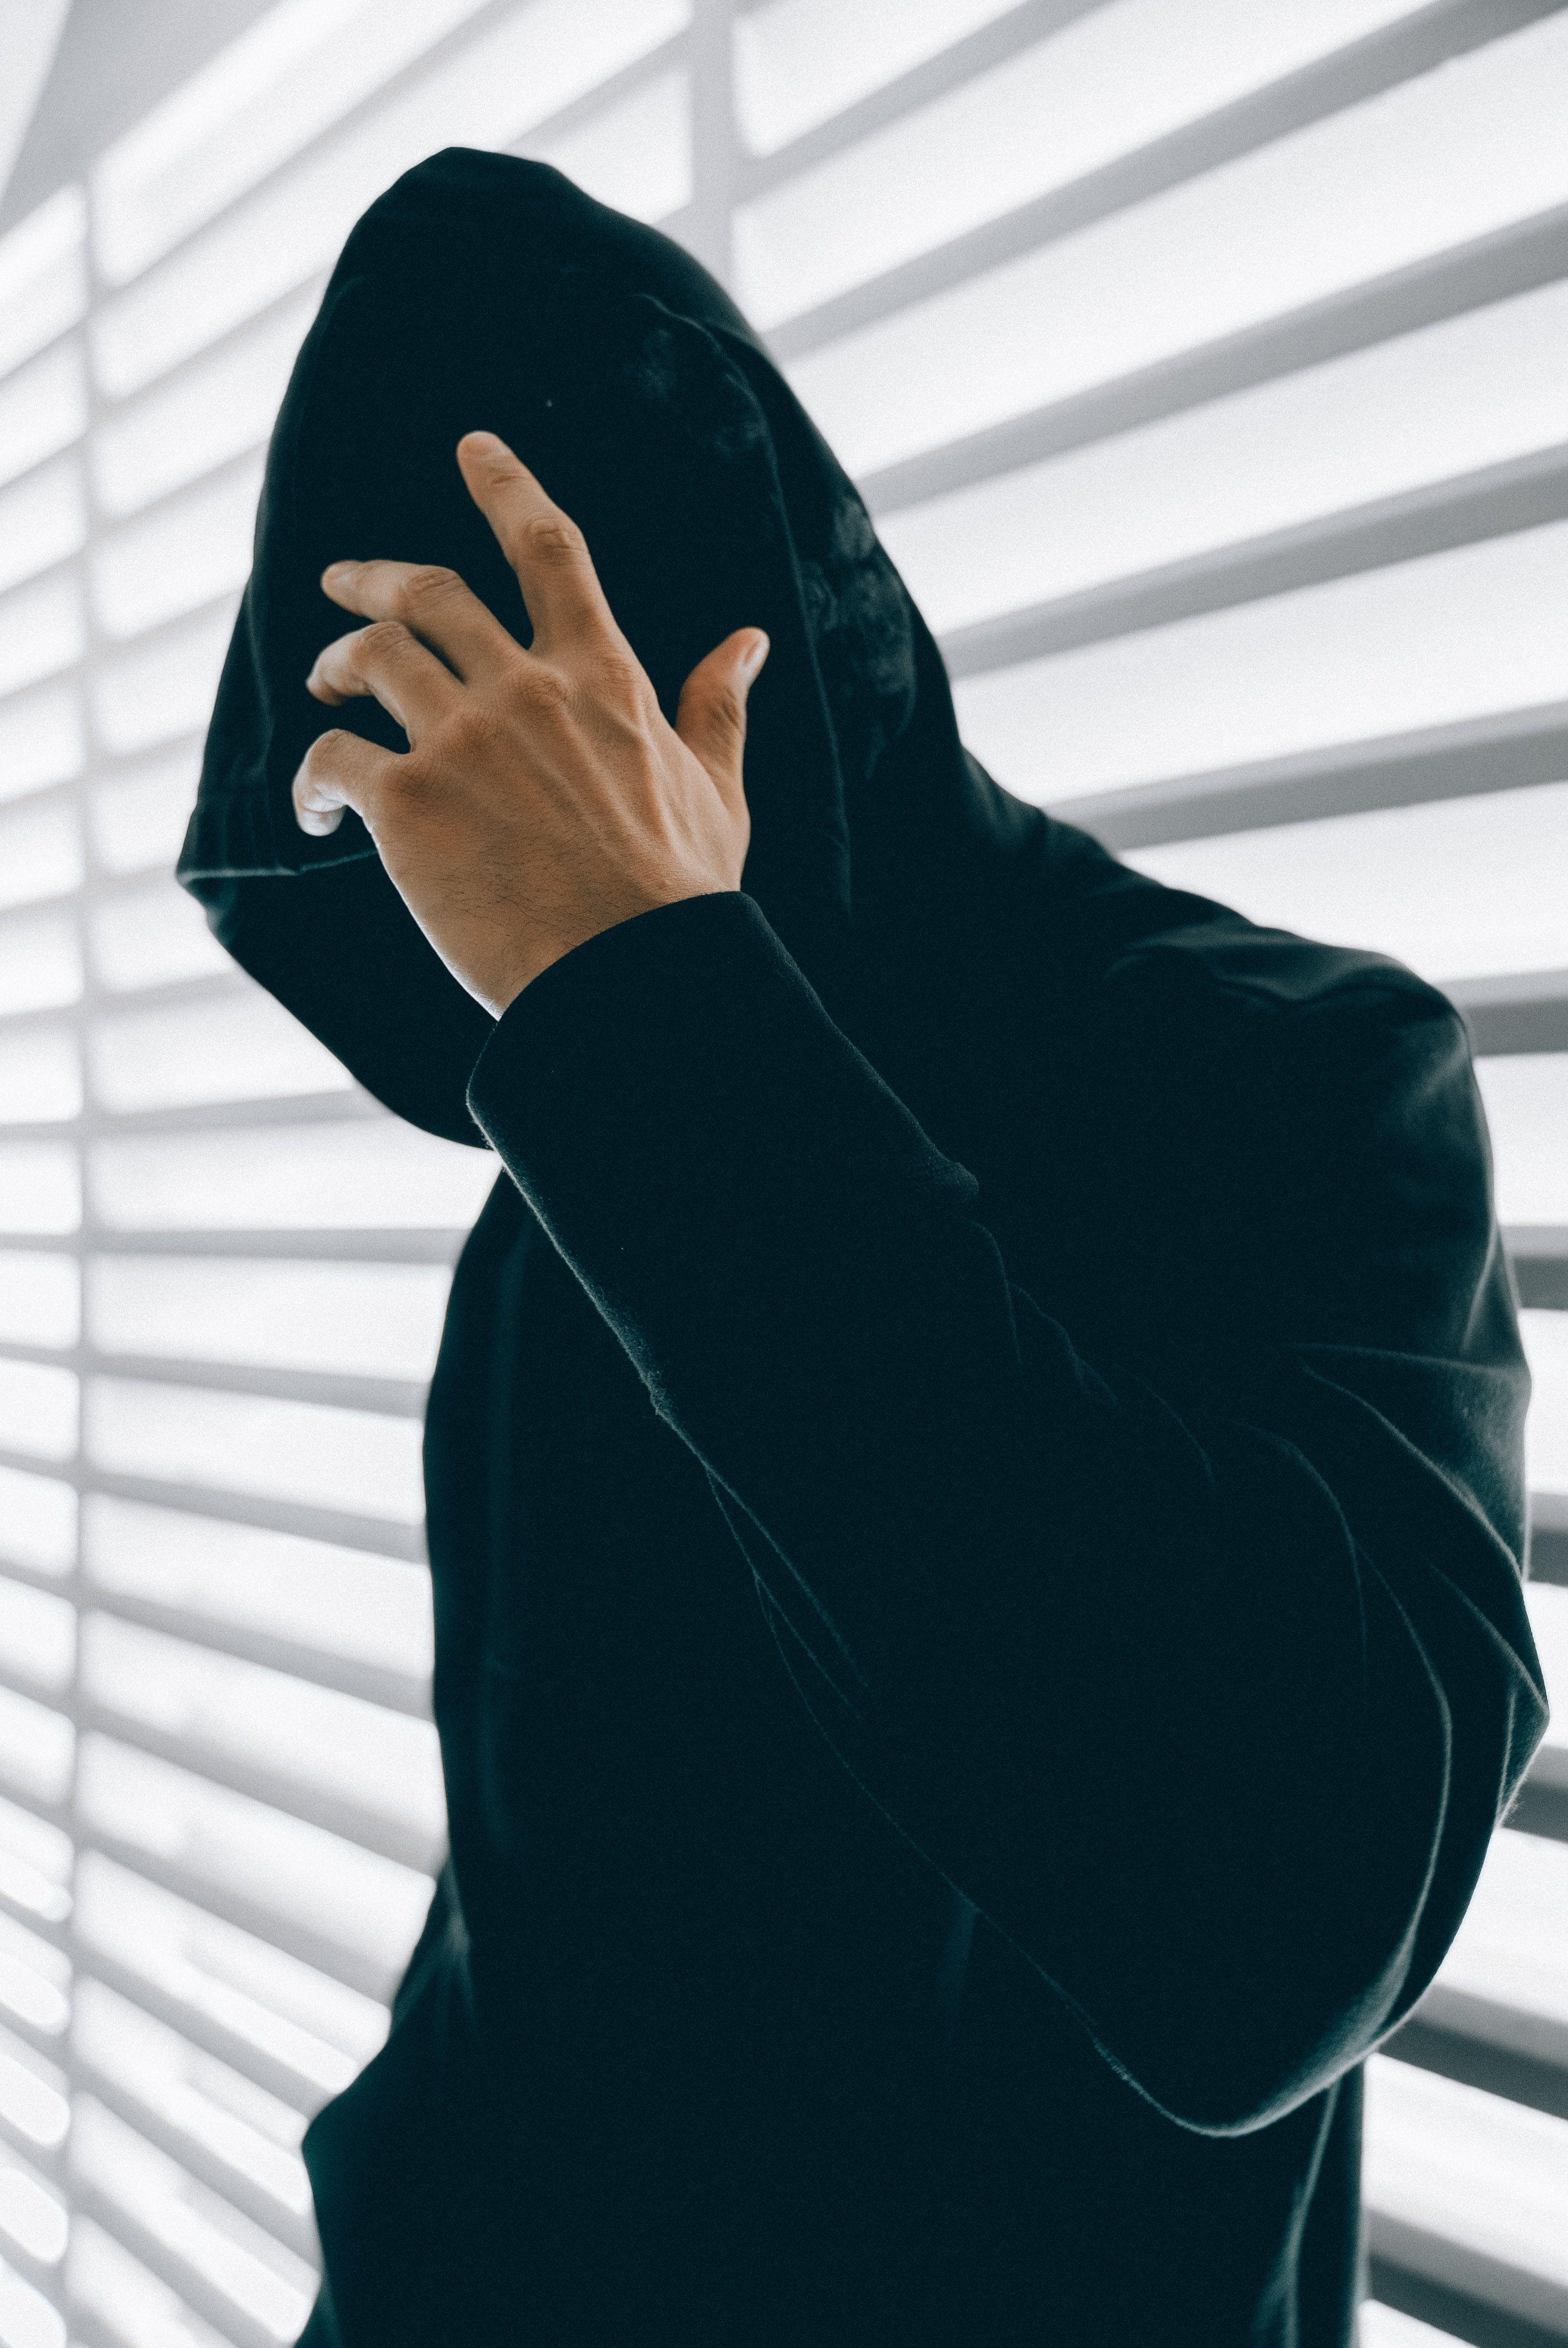 Kijk 8 regels voor dating mijn tienerdochter online